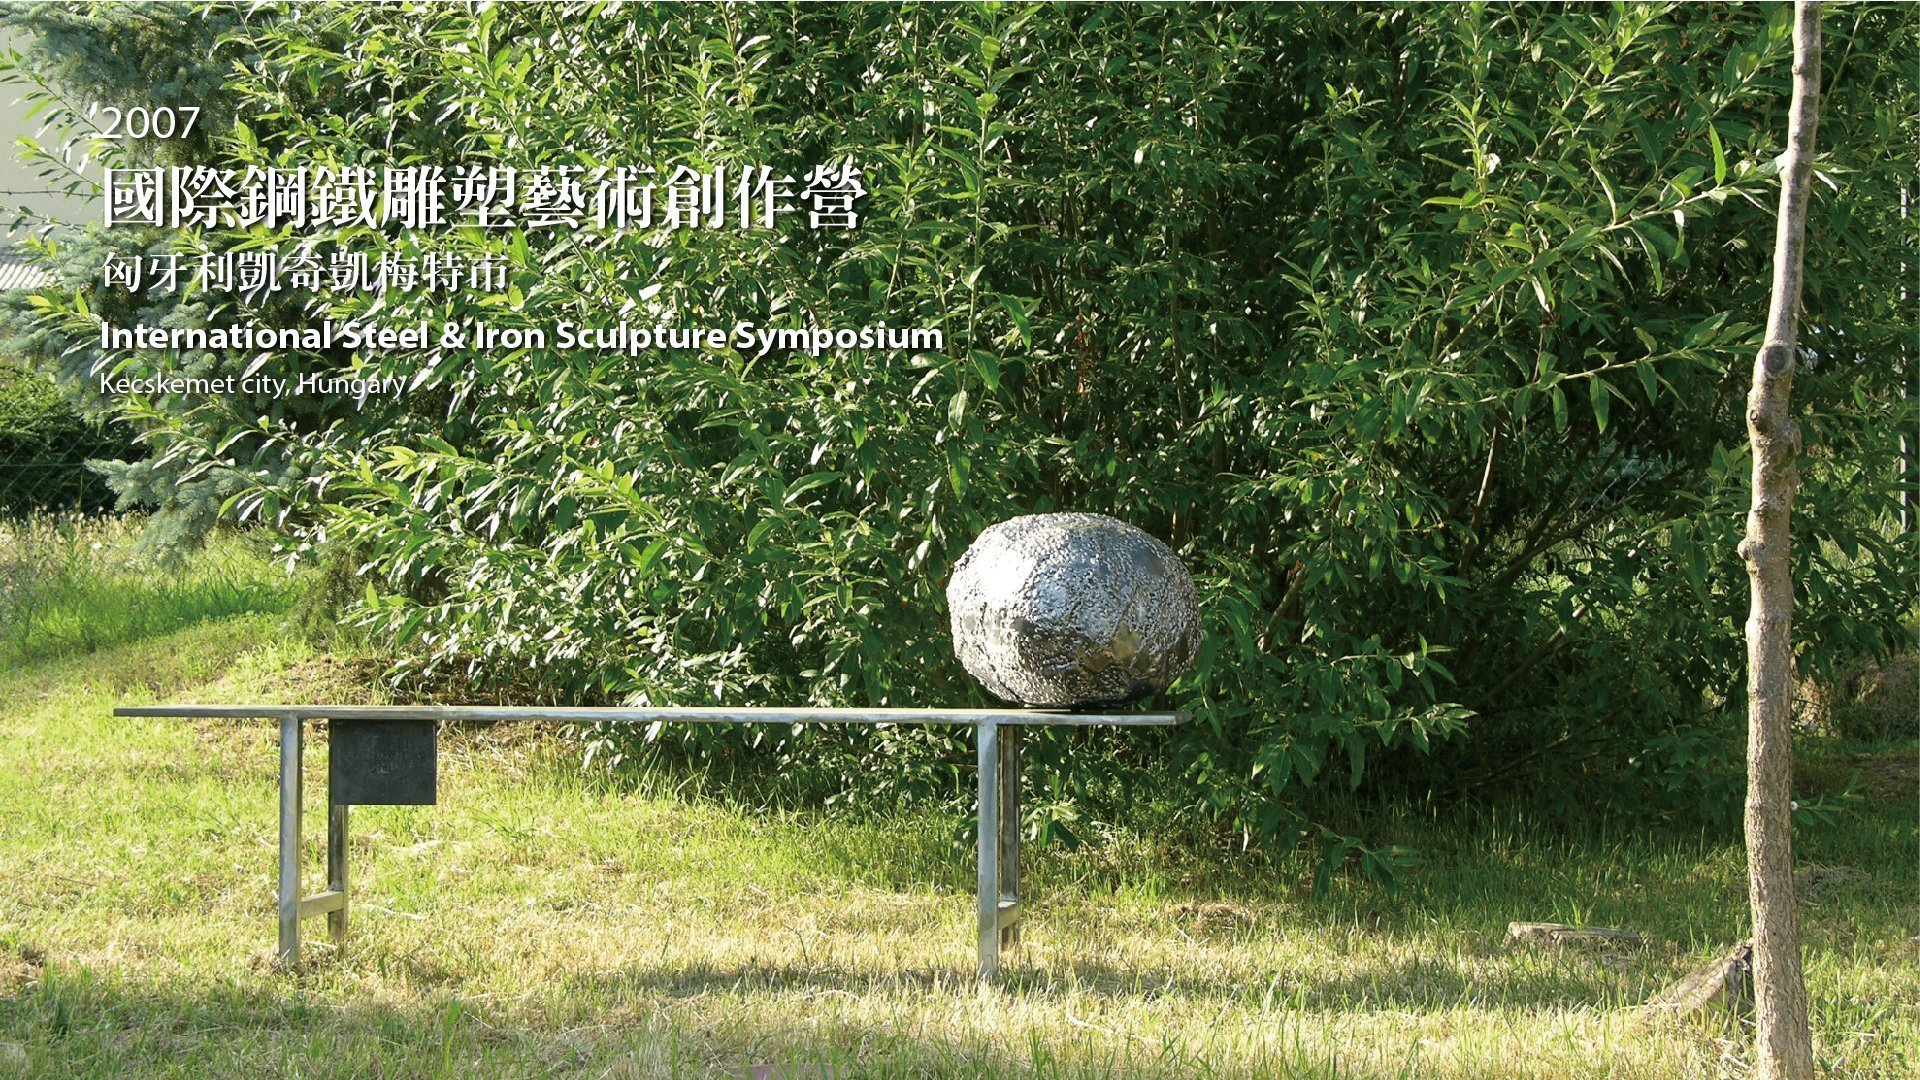 2007 匈牙利凱奇凱梅特市國際鋼鐵雕塑藝術創作營 -